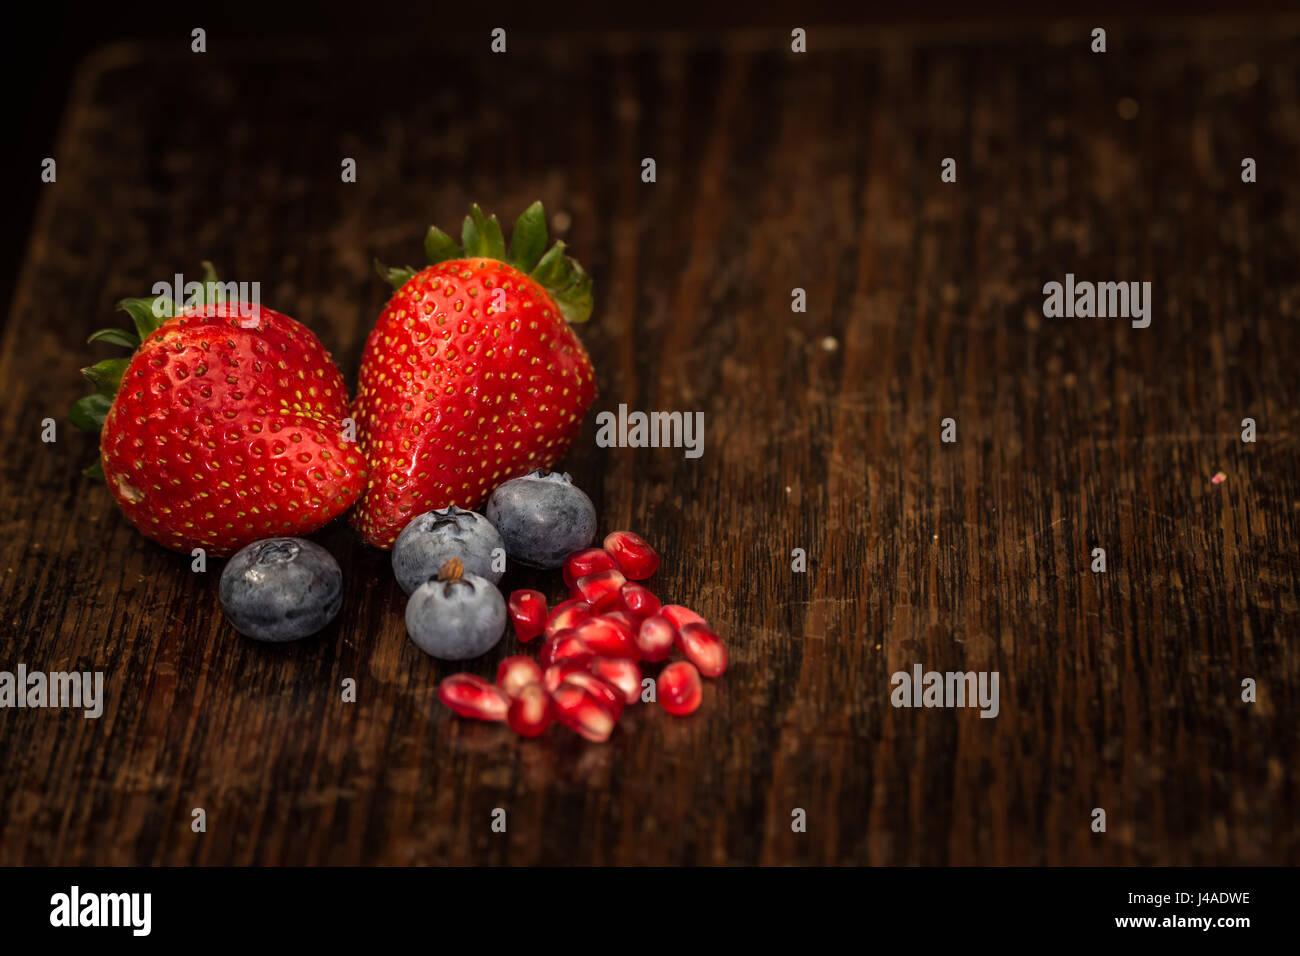 Fattoria di fresco prelevato fragole bacche blu closeup con i semi di melograno con spazio di copia Immagini Stock